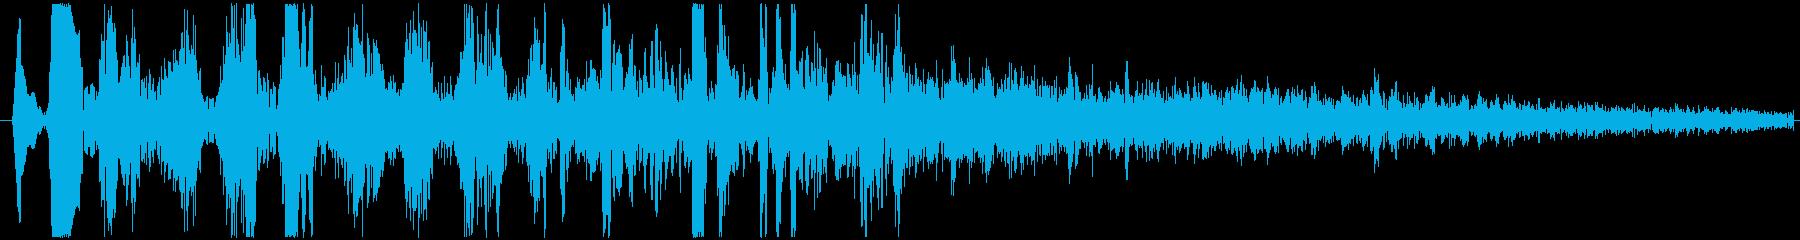 【効果音/水中/乗り物/潜水艦】の再生済みの波形